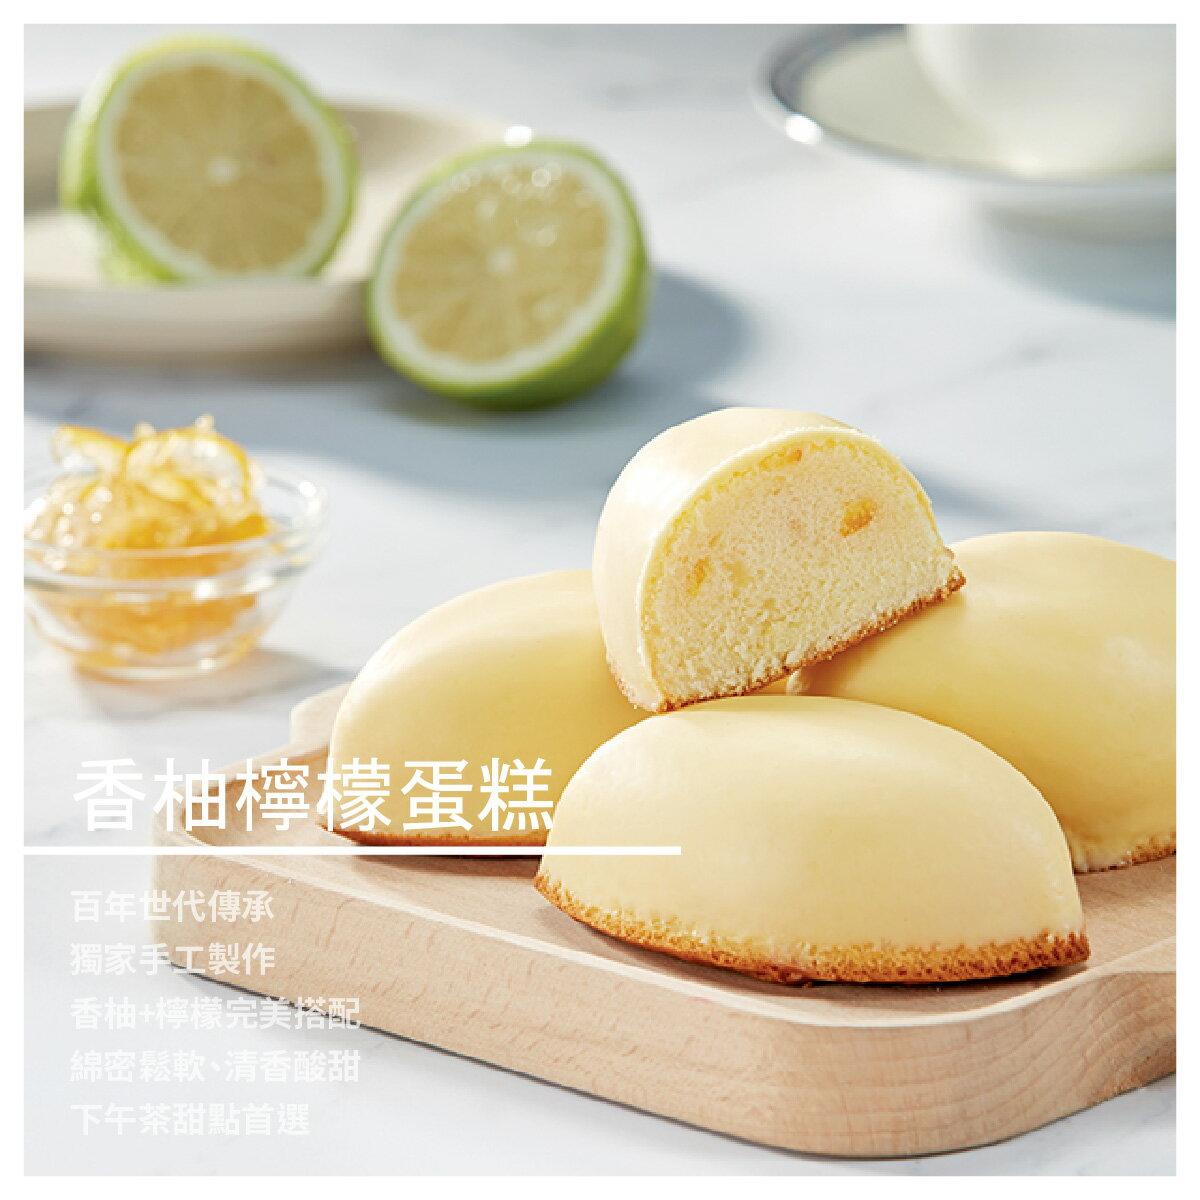 【陳允寶泉】香柚檸檬蛋糕/辦公室團購首選/台中伴手禮/甜點/10入/盒